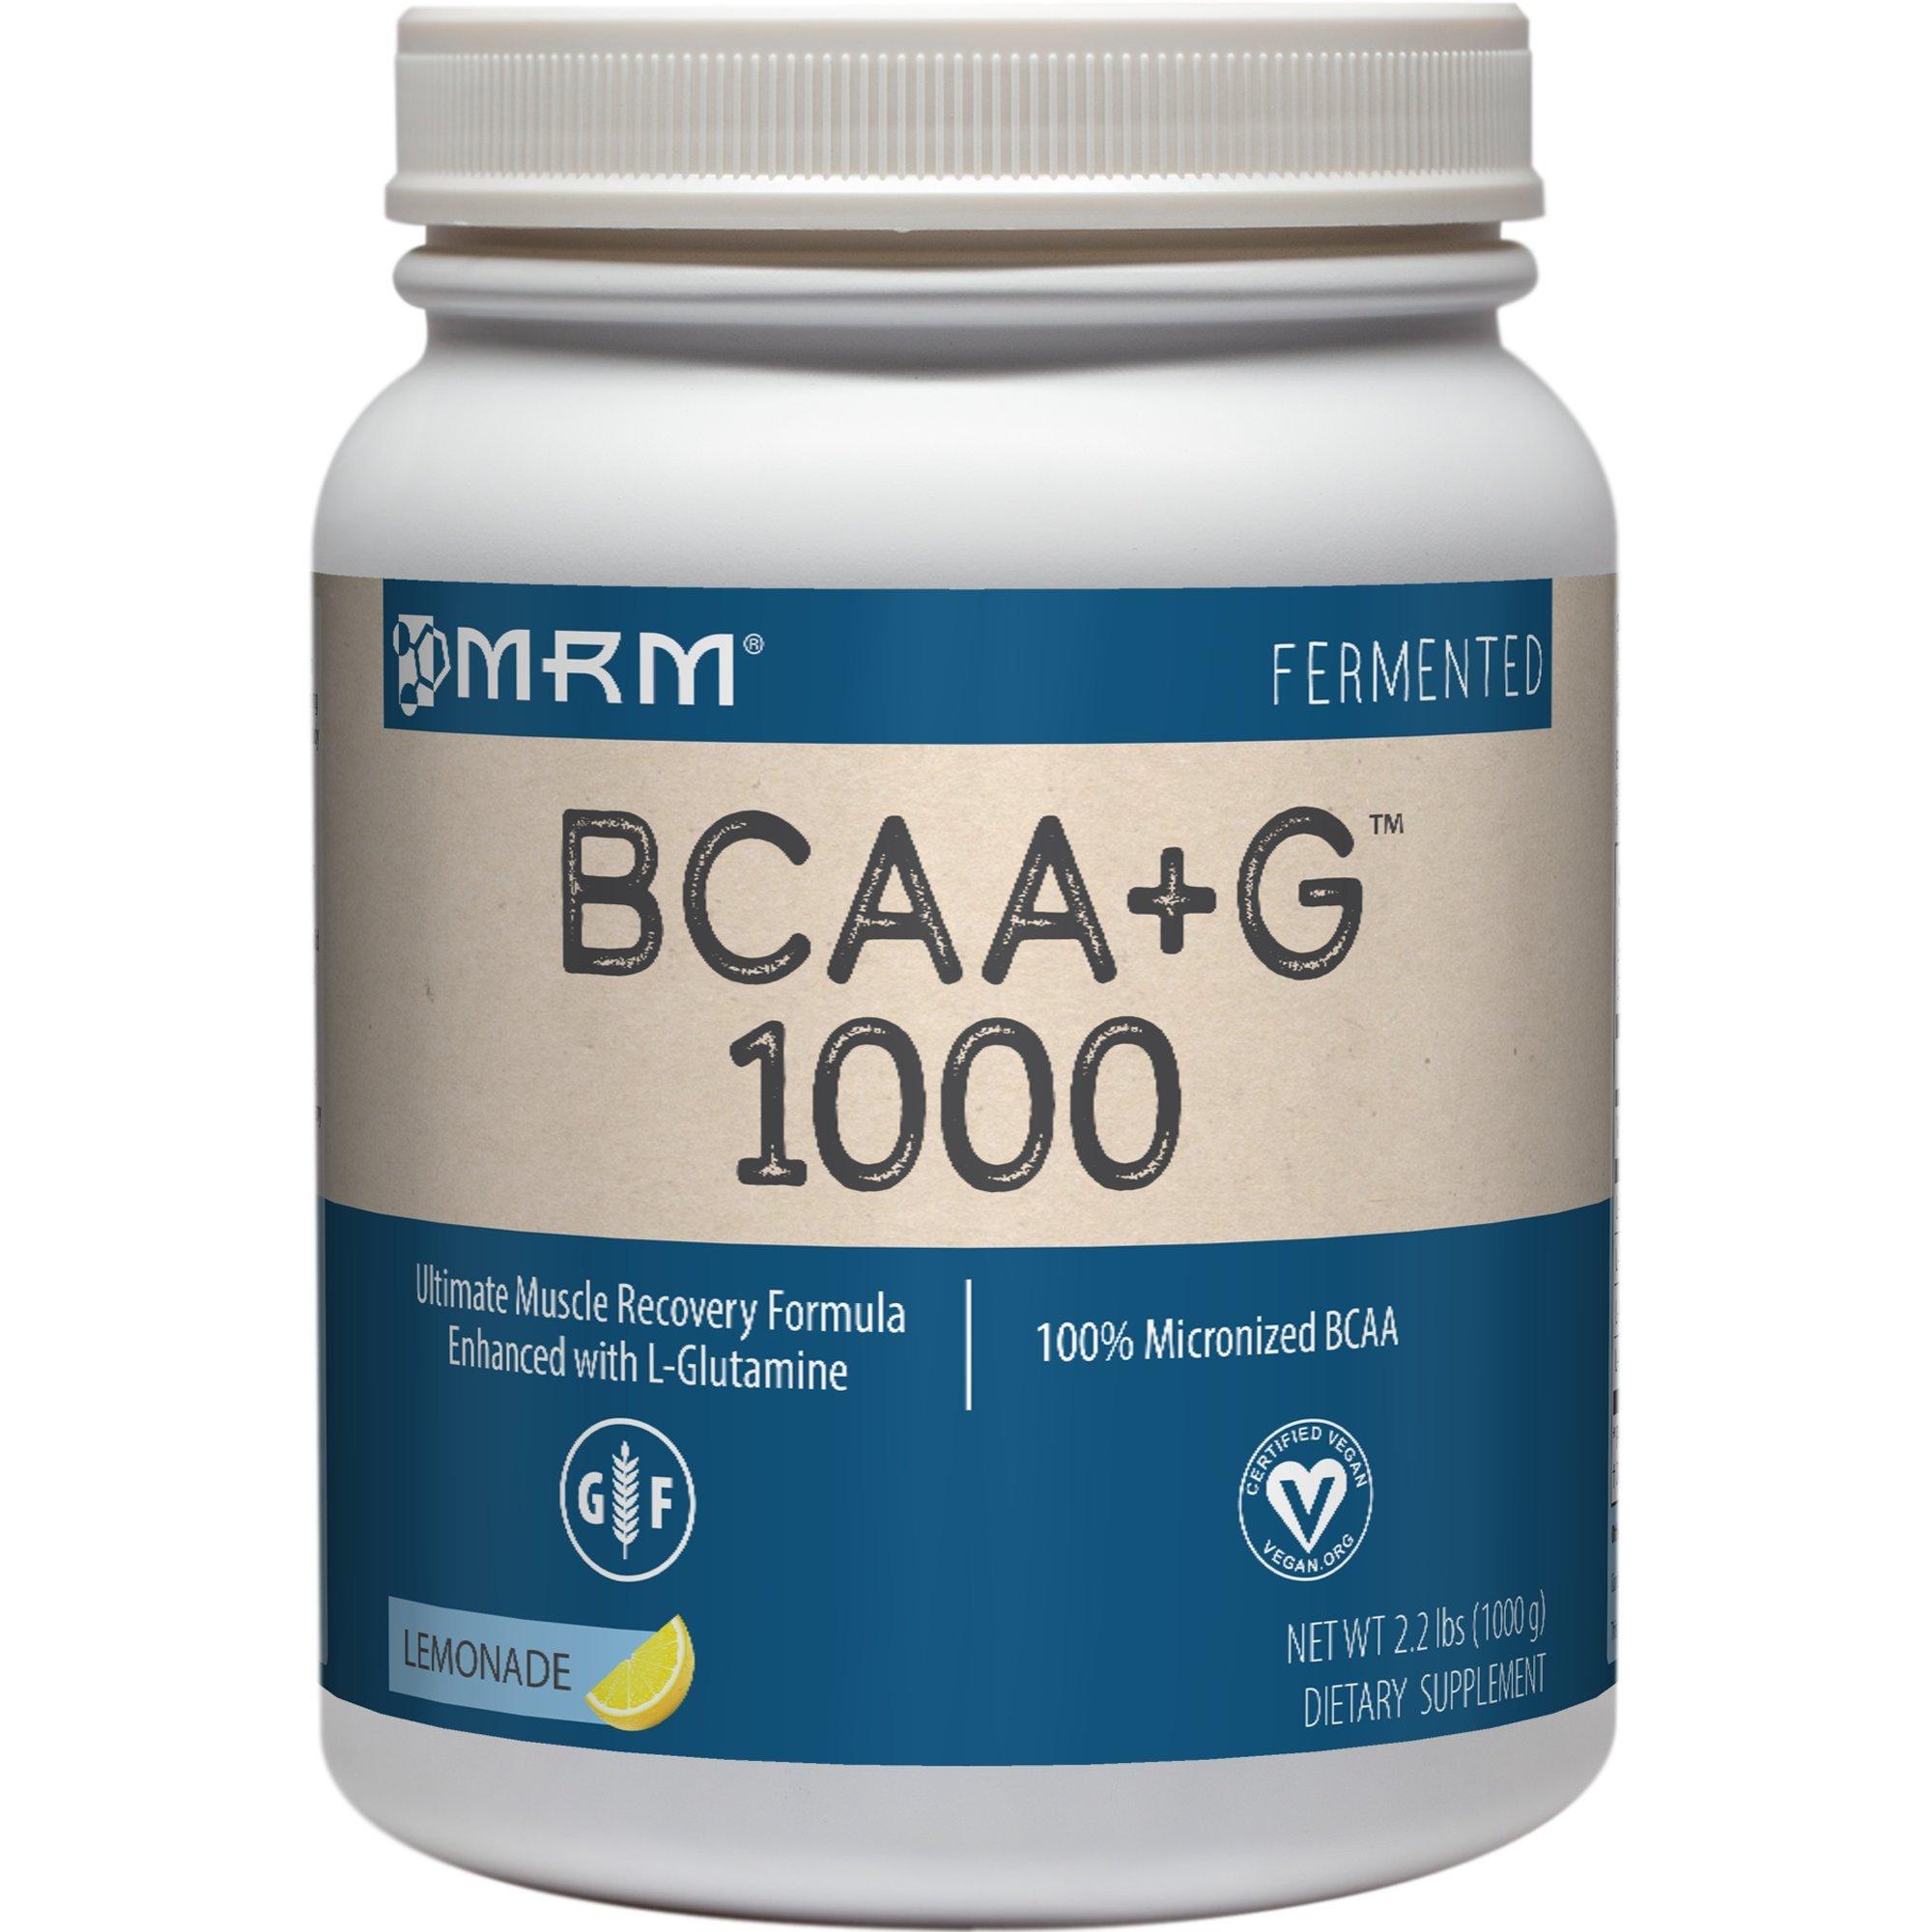 MRM  BCAA+G, Lemonade, 35.2-Ounce (1000g) Plastic Jar